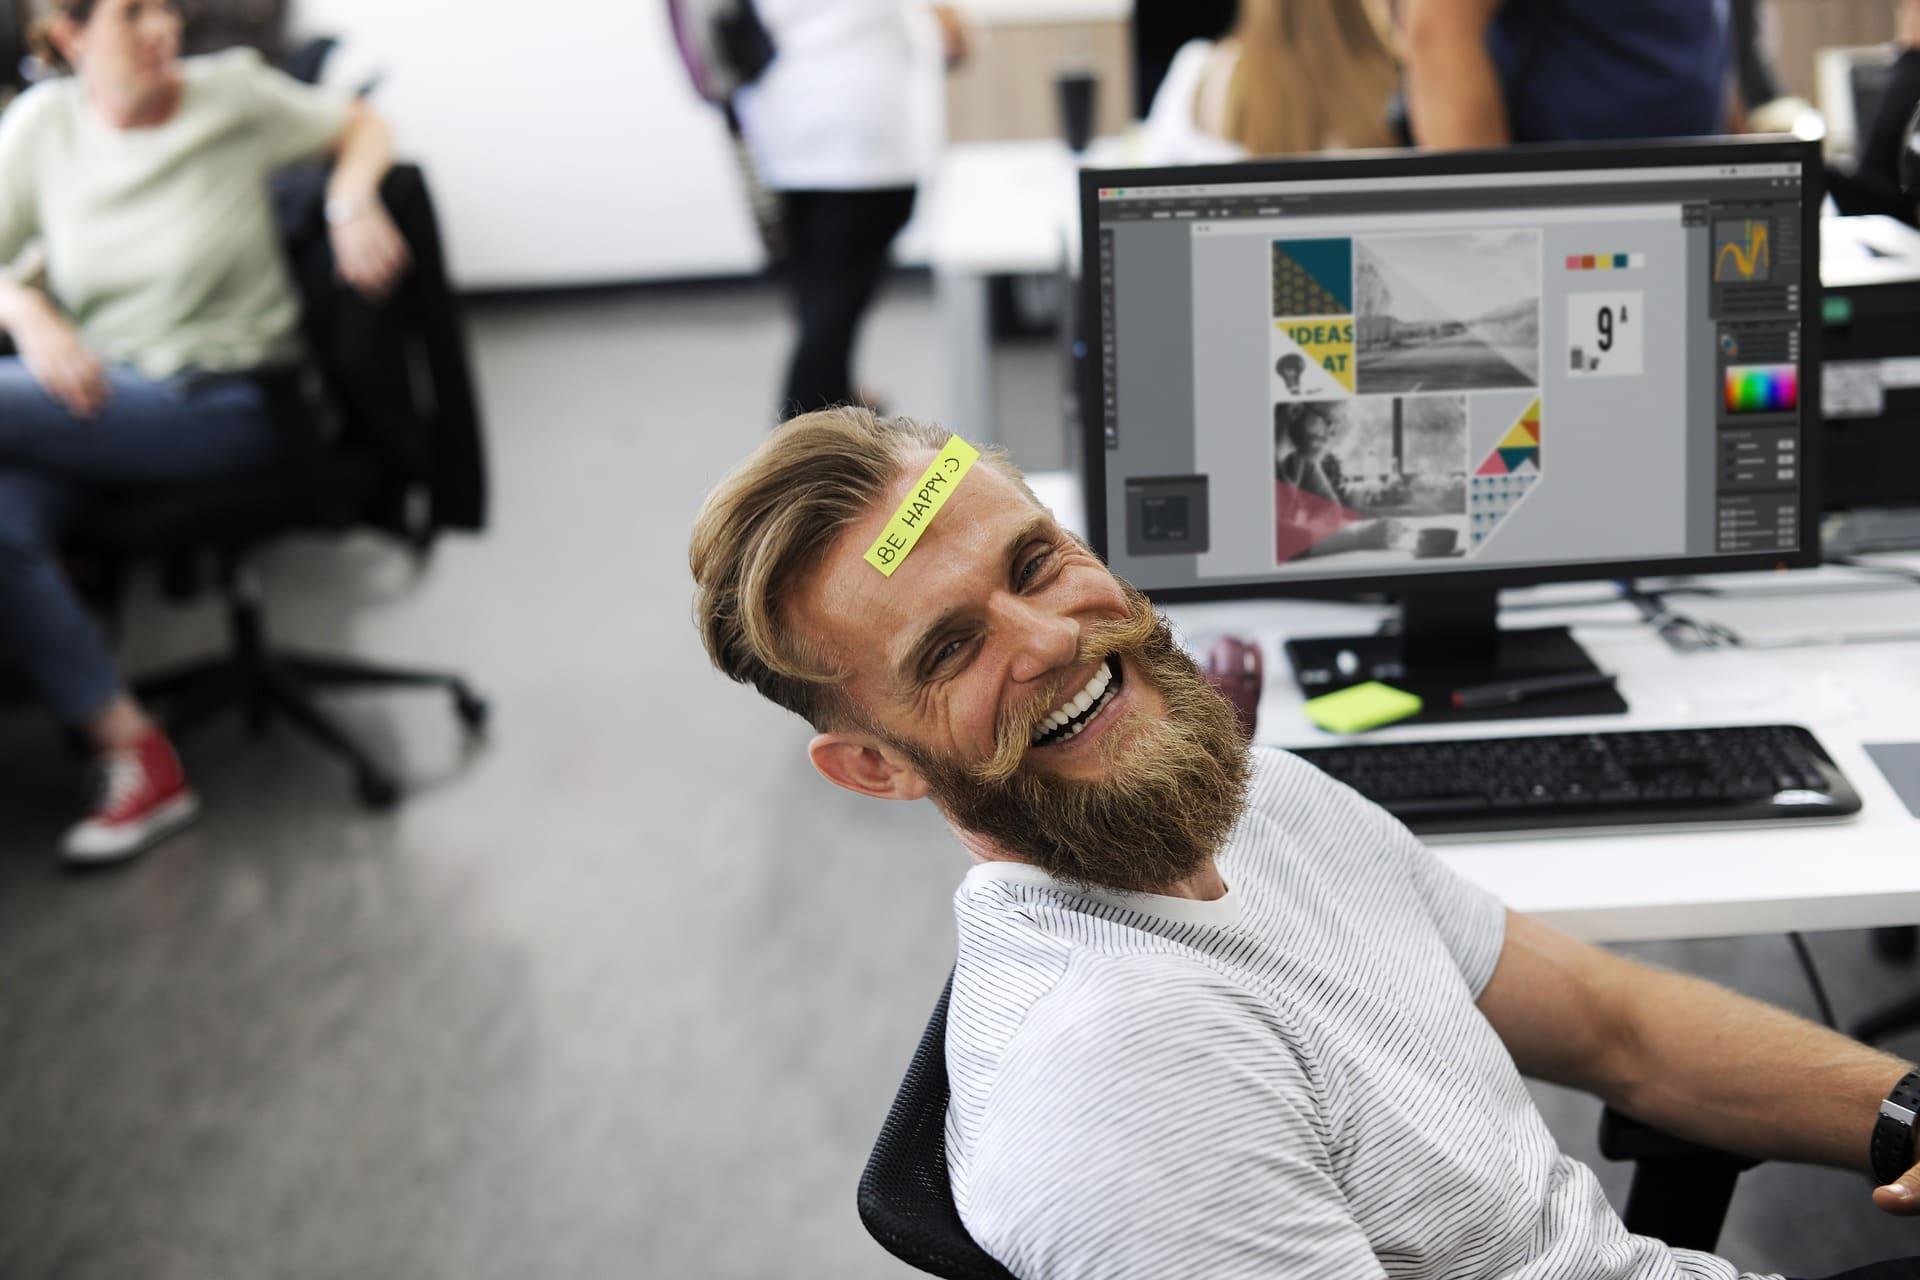 Chico trabajando con su ordenador